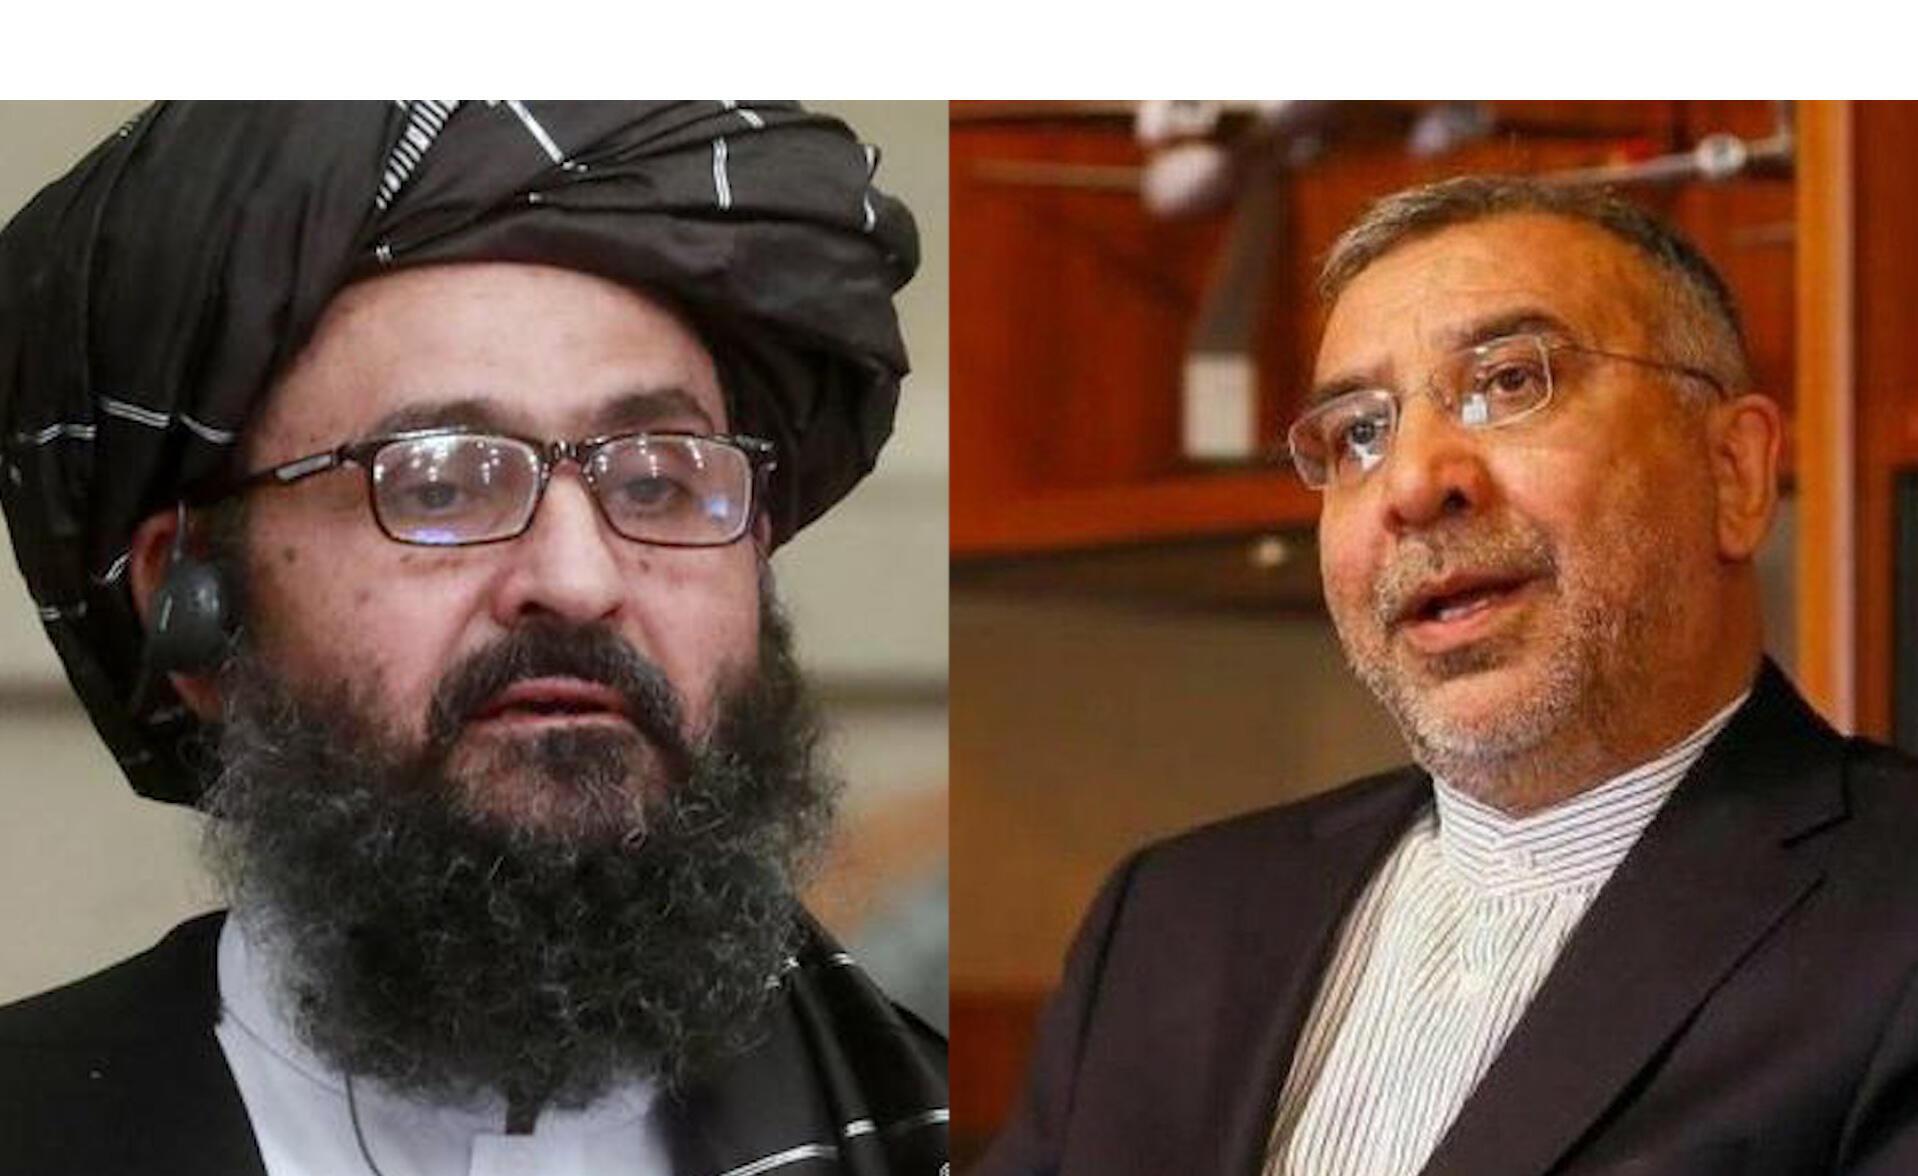 iran/ taliban